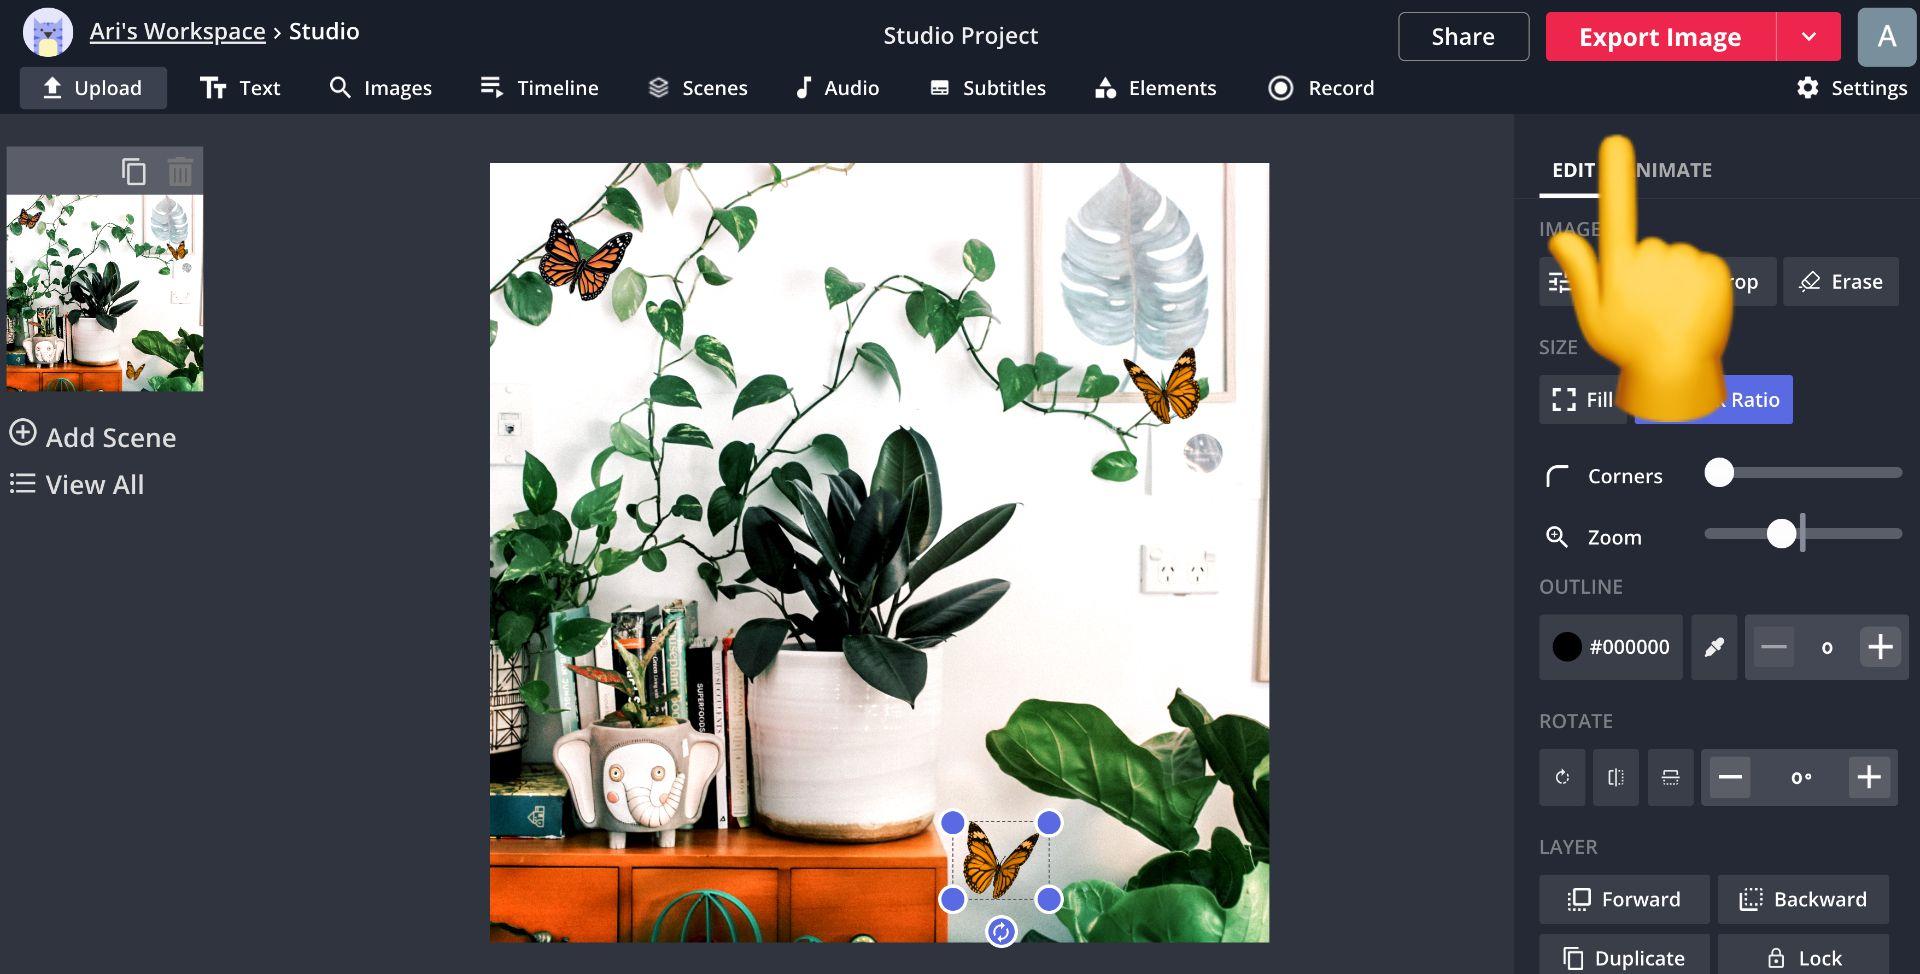 Screenshot von Kapwing Studio und ein Pfeil zum Exportieren des Bildes